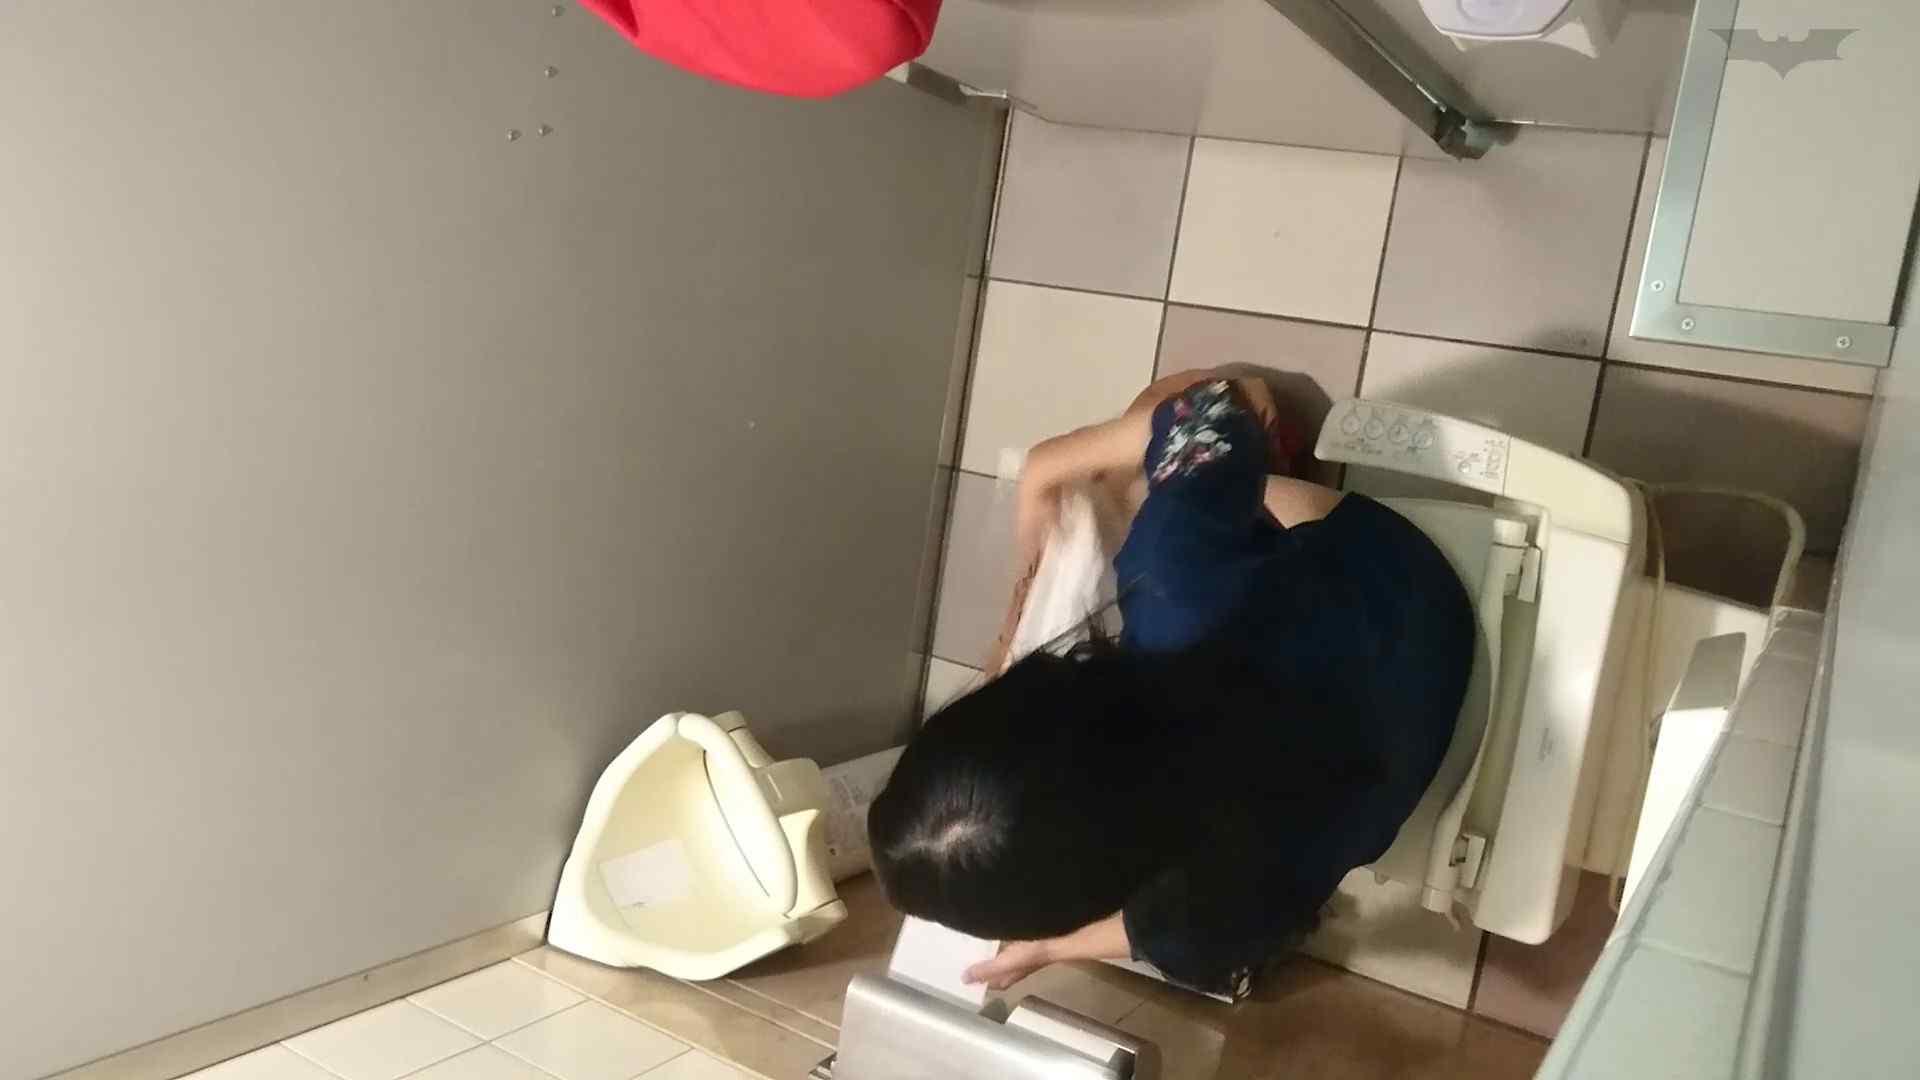 化粧室絵巻 ショッピングモール編 VOL.24 高評価 セックス無修正動画無料 109枚 25